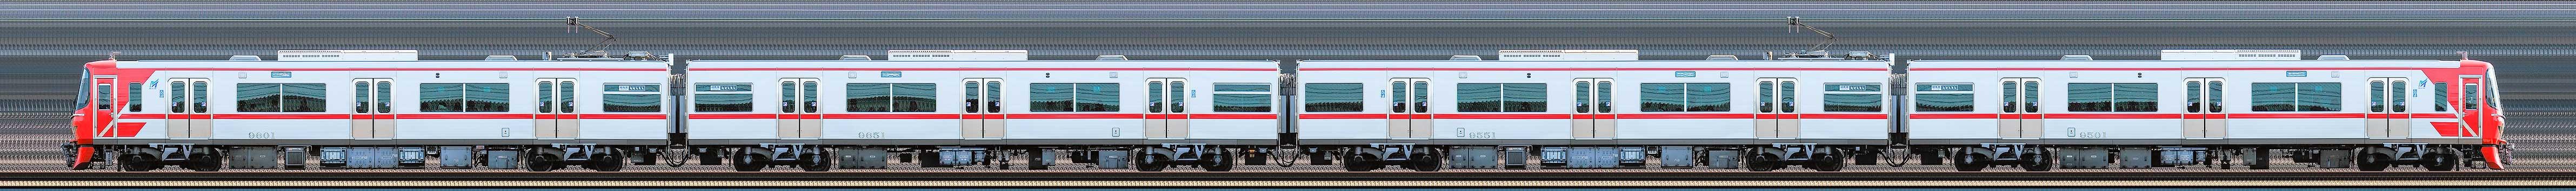 名鉄9500系9501編成(海側)の編成サイドビュー